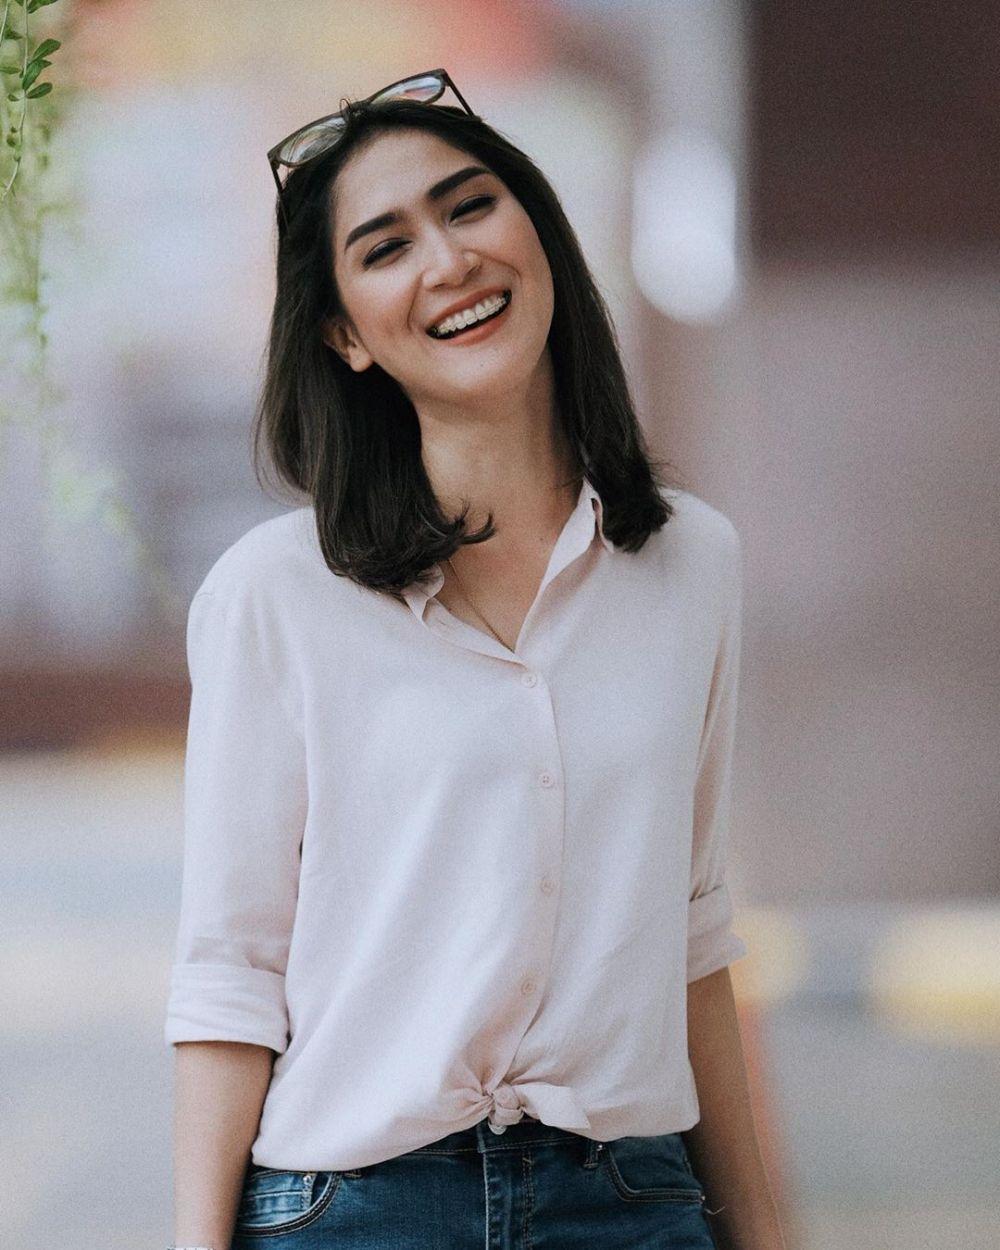 10 Potret Sheila Purnama, News Anchor yang Miliki Senyum Semanis Gula